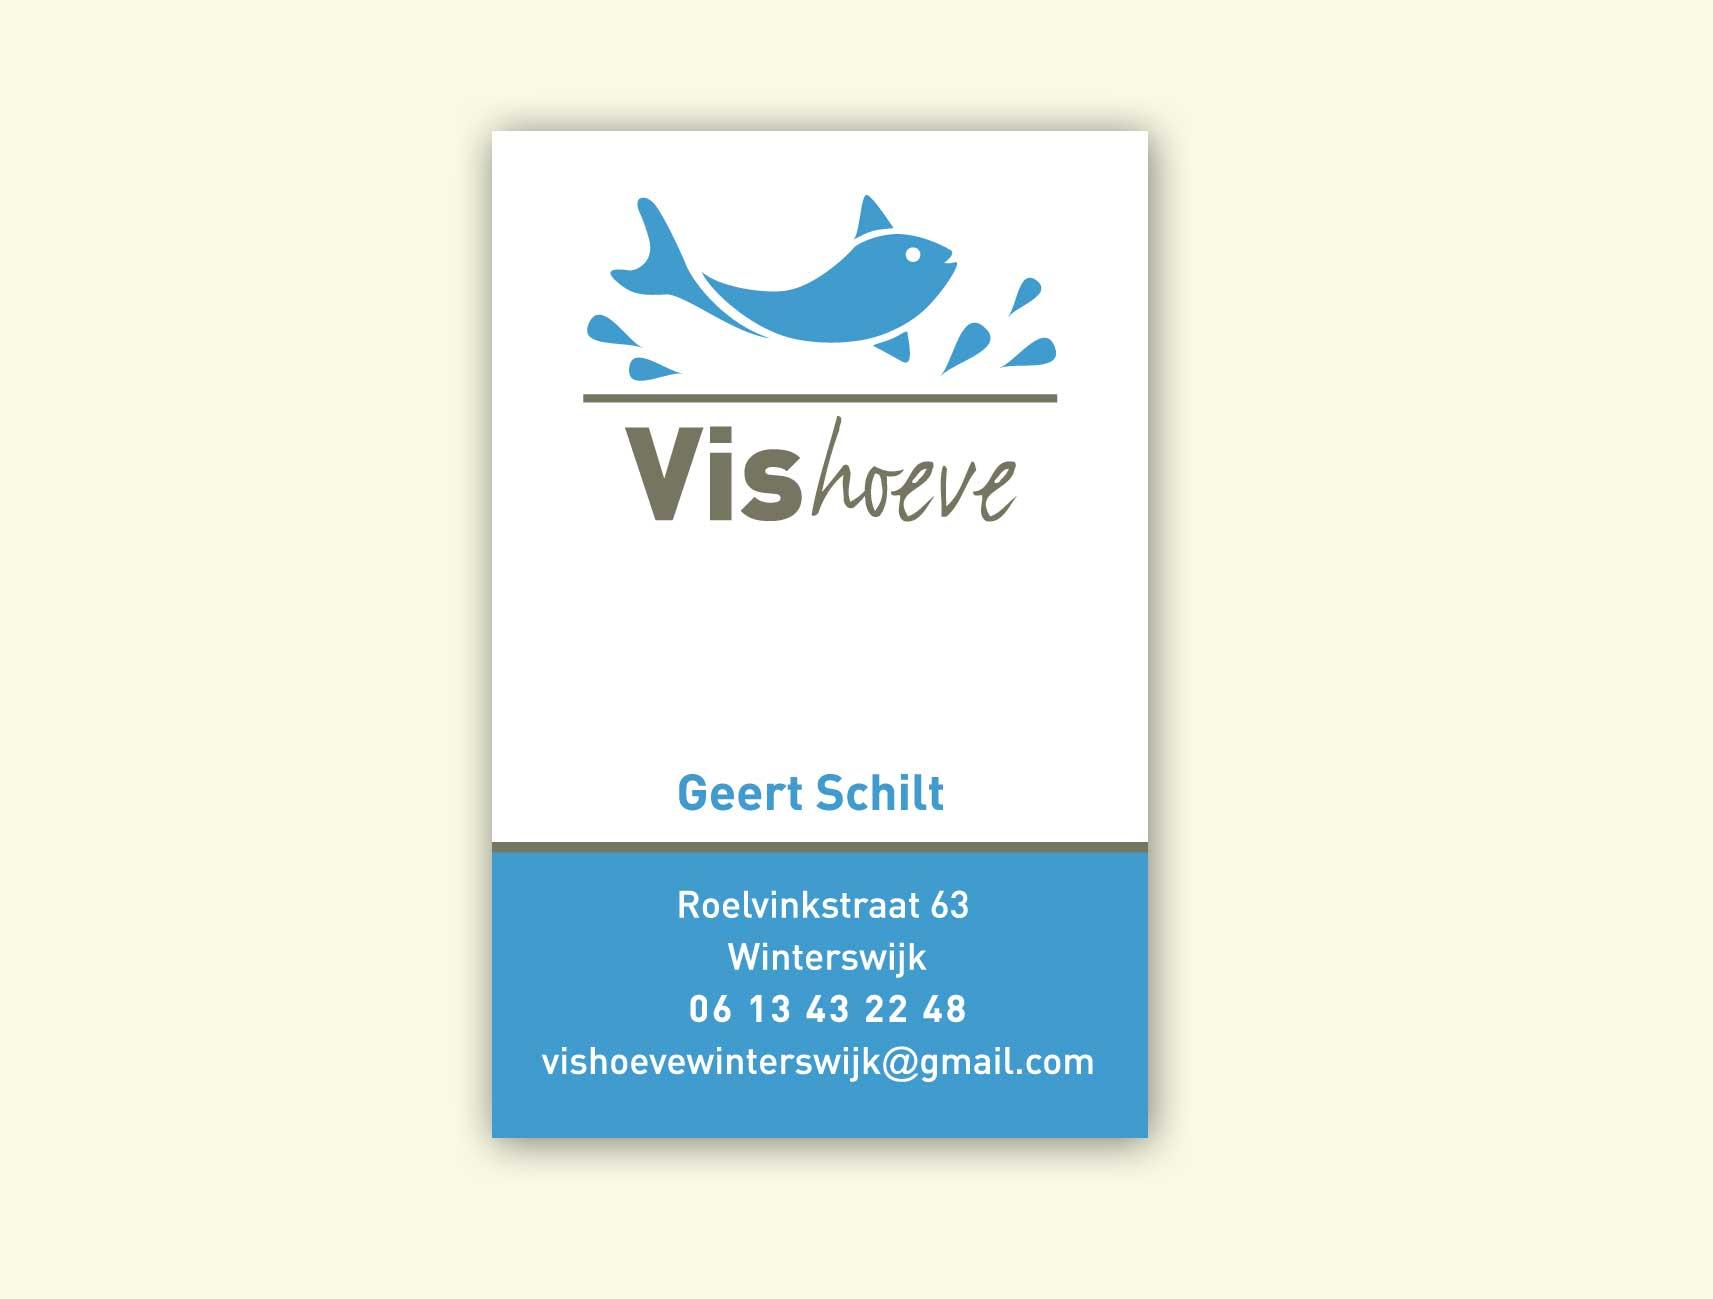 Vishoeve Winterswijk